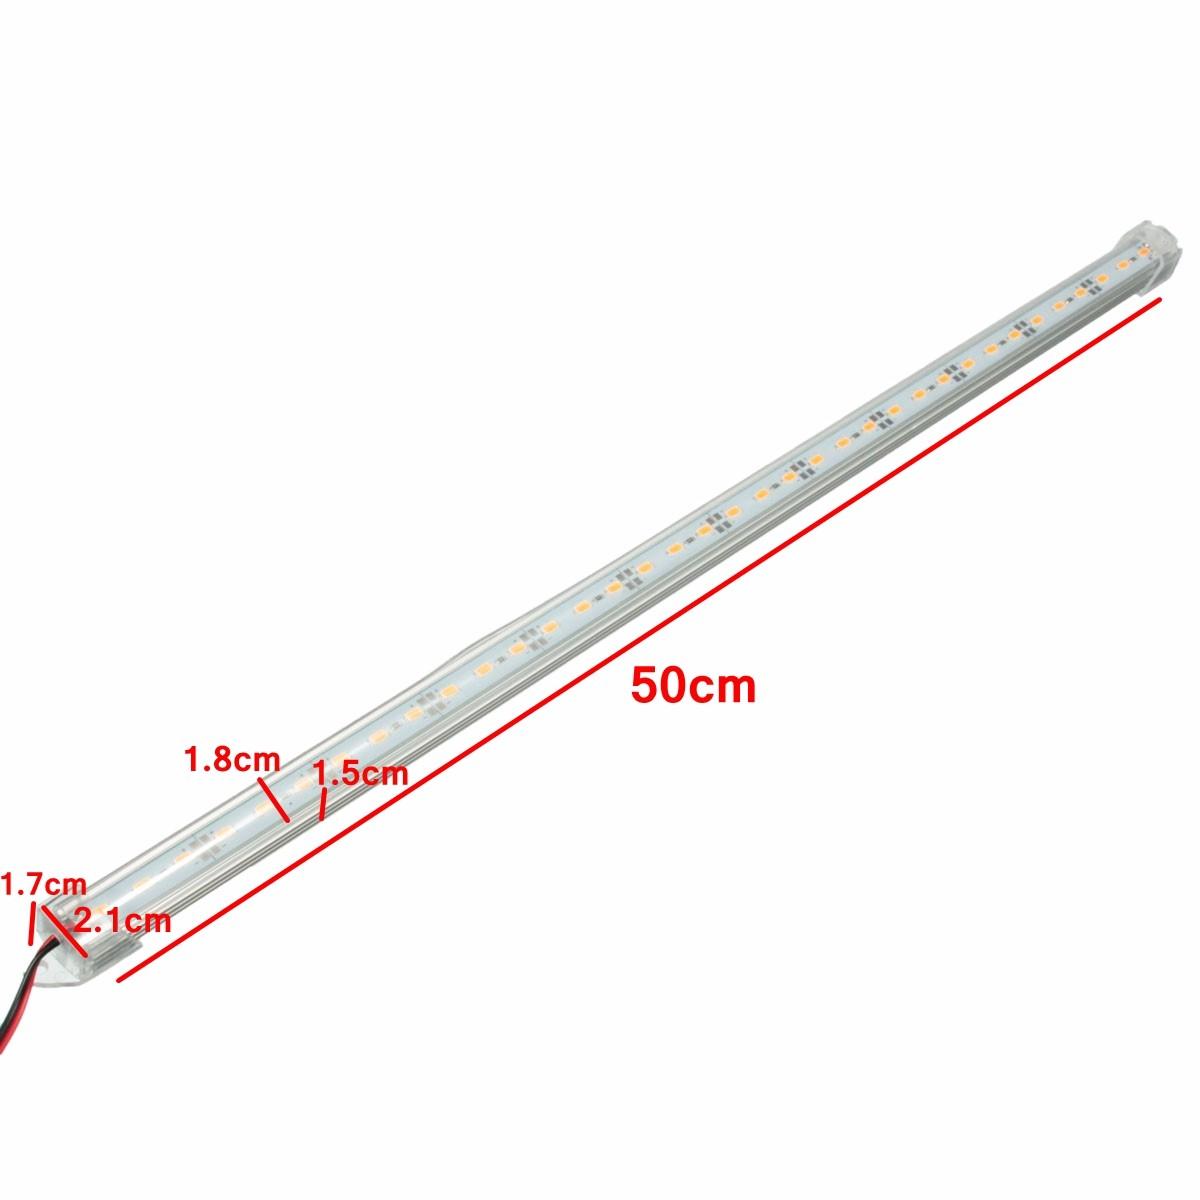 12v 50cm Led Strip Light Bar Smd Interior Lamp For